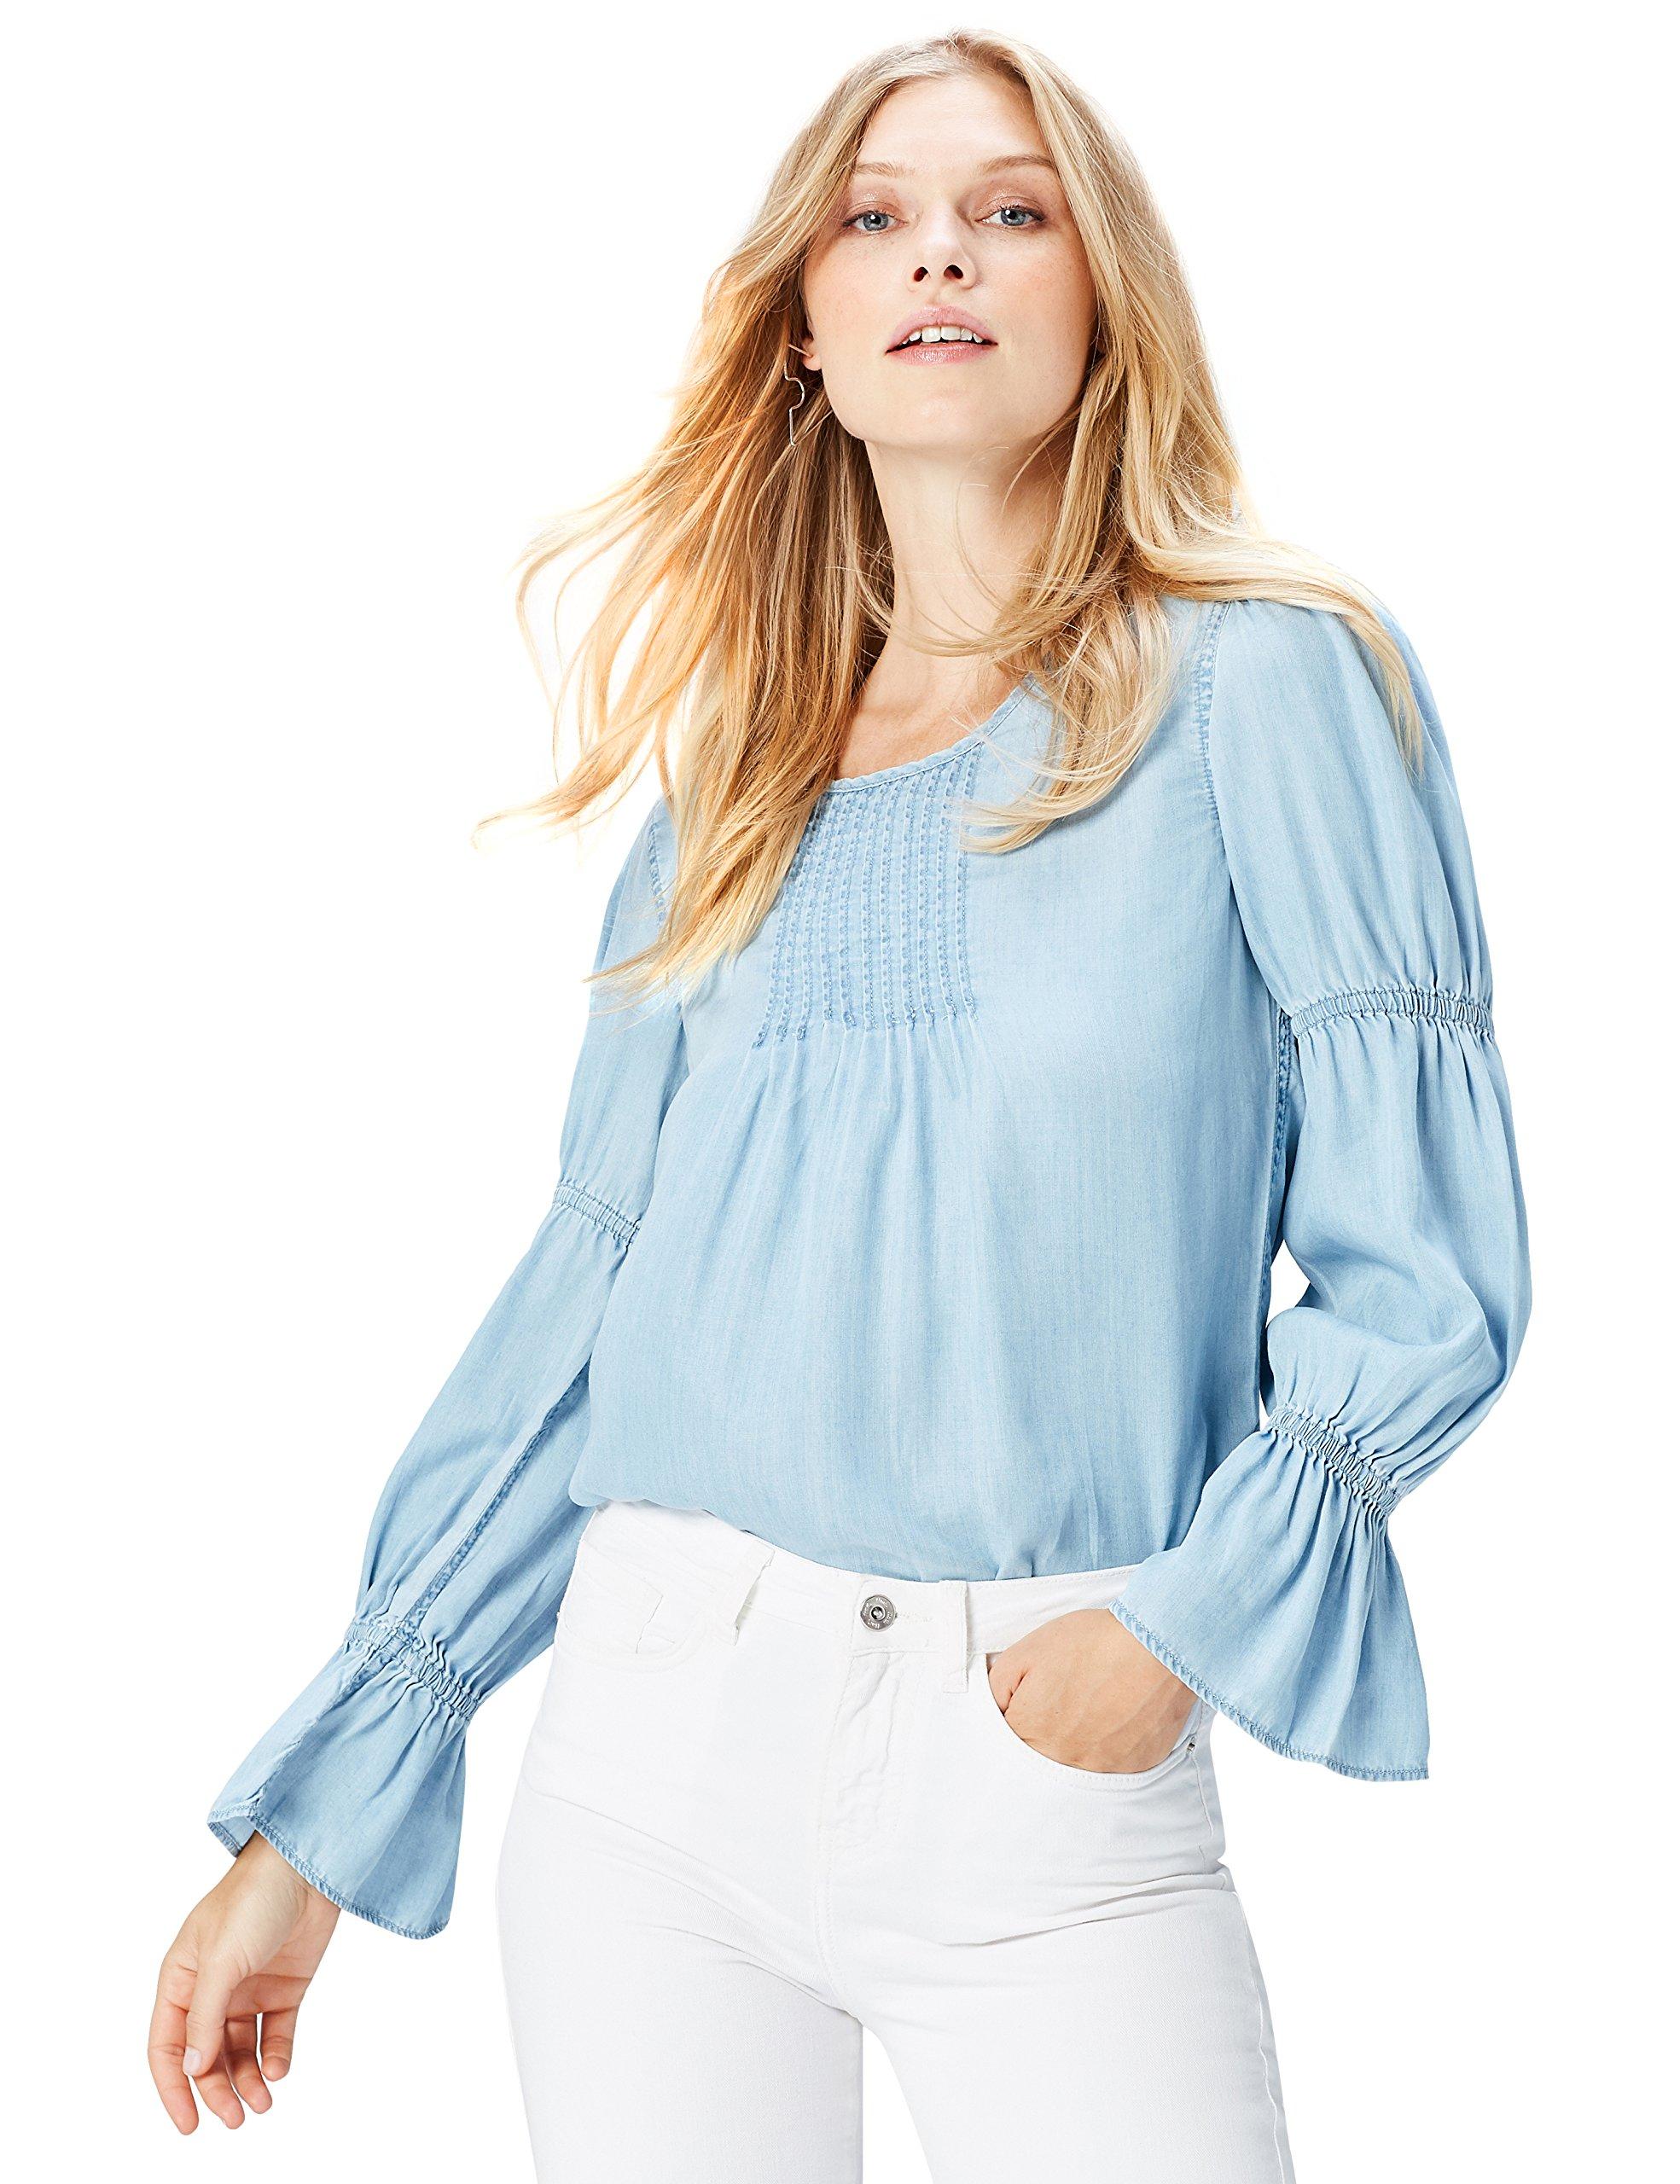 (グンゼ)さんGUNZE HOTMAGIC(マジックフィーバー)は日本製の超低温のストレッチ暖かい水分発熱高襟長袖Tシャツを感じませんでした